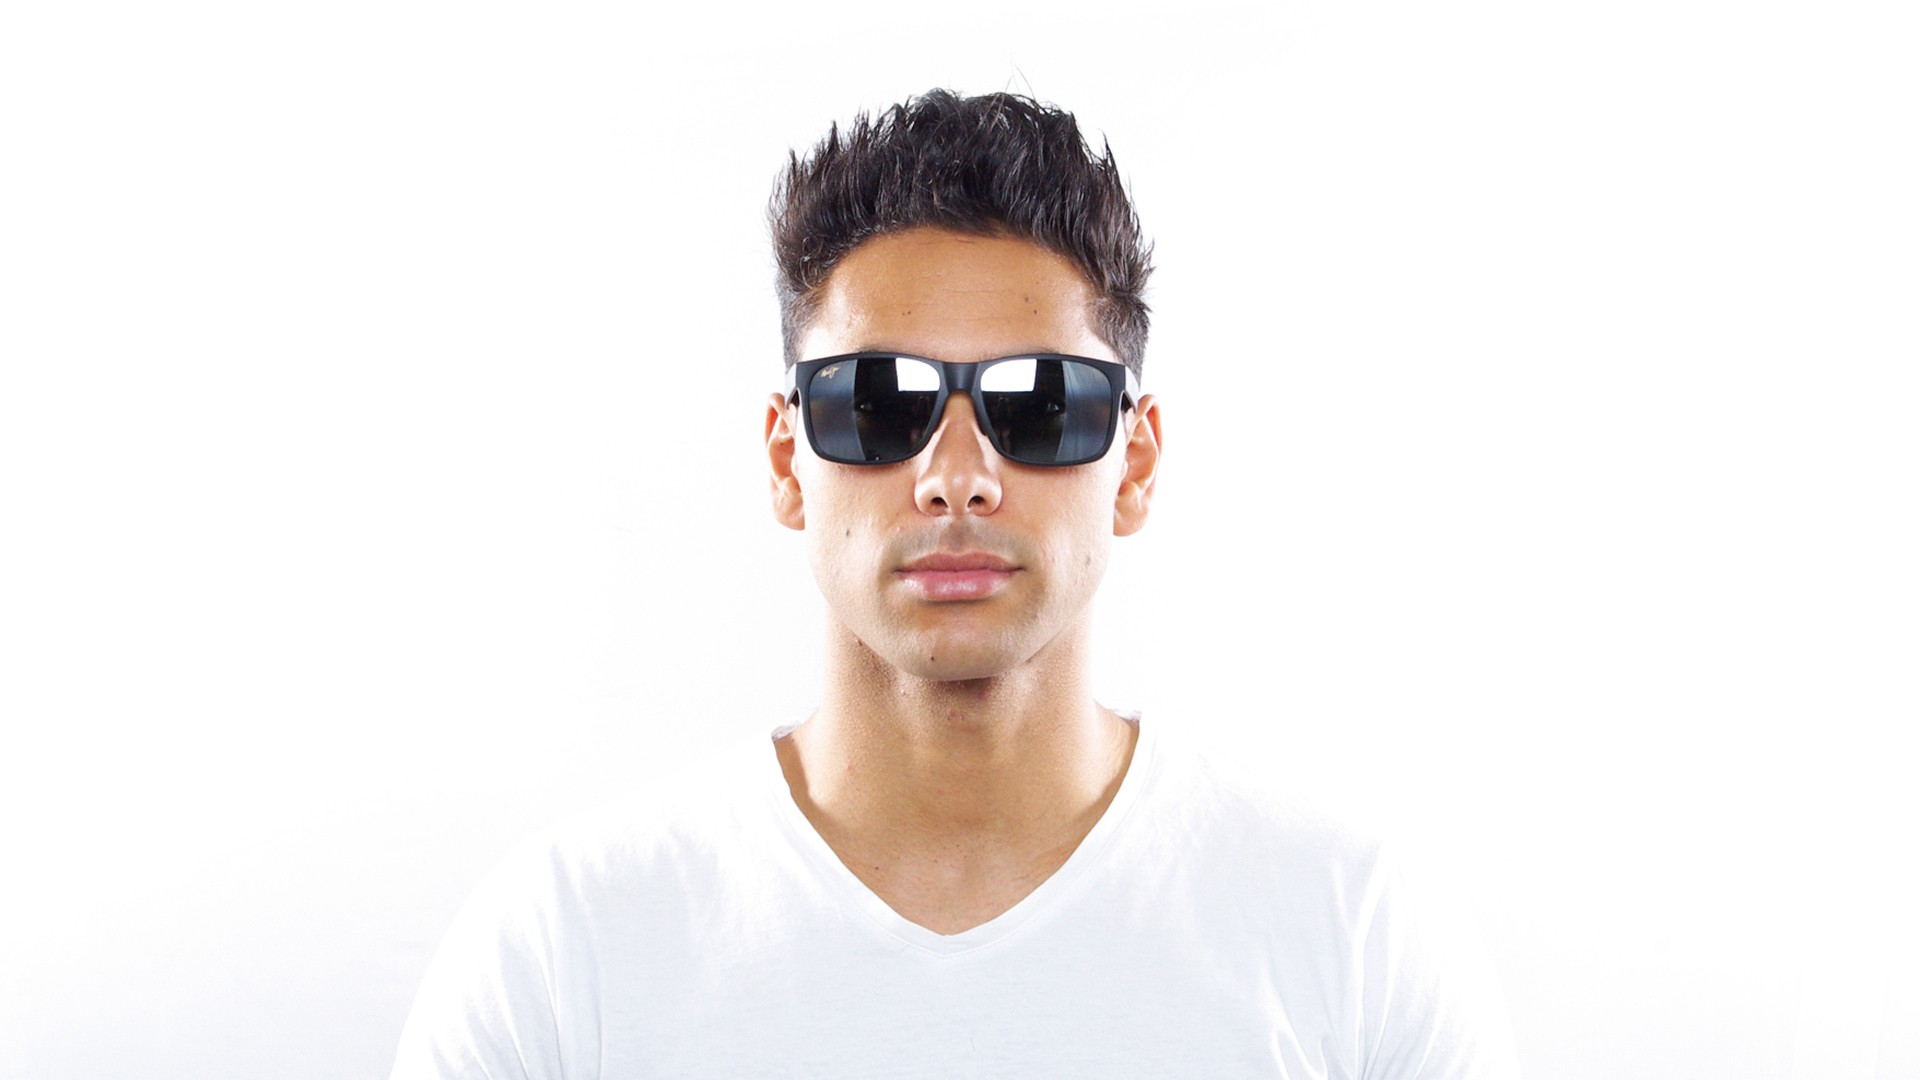 608042d19e56ea Sunglasses Maui Jim Red Sands Black Mat B432 2M 59-17 Large Polarized Flash